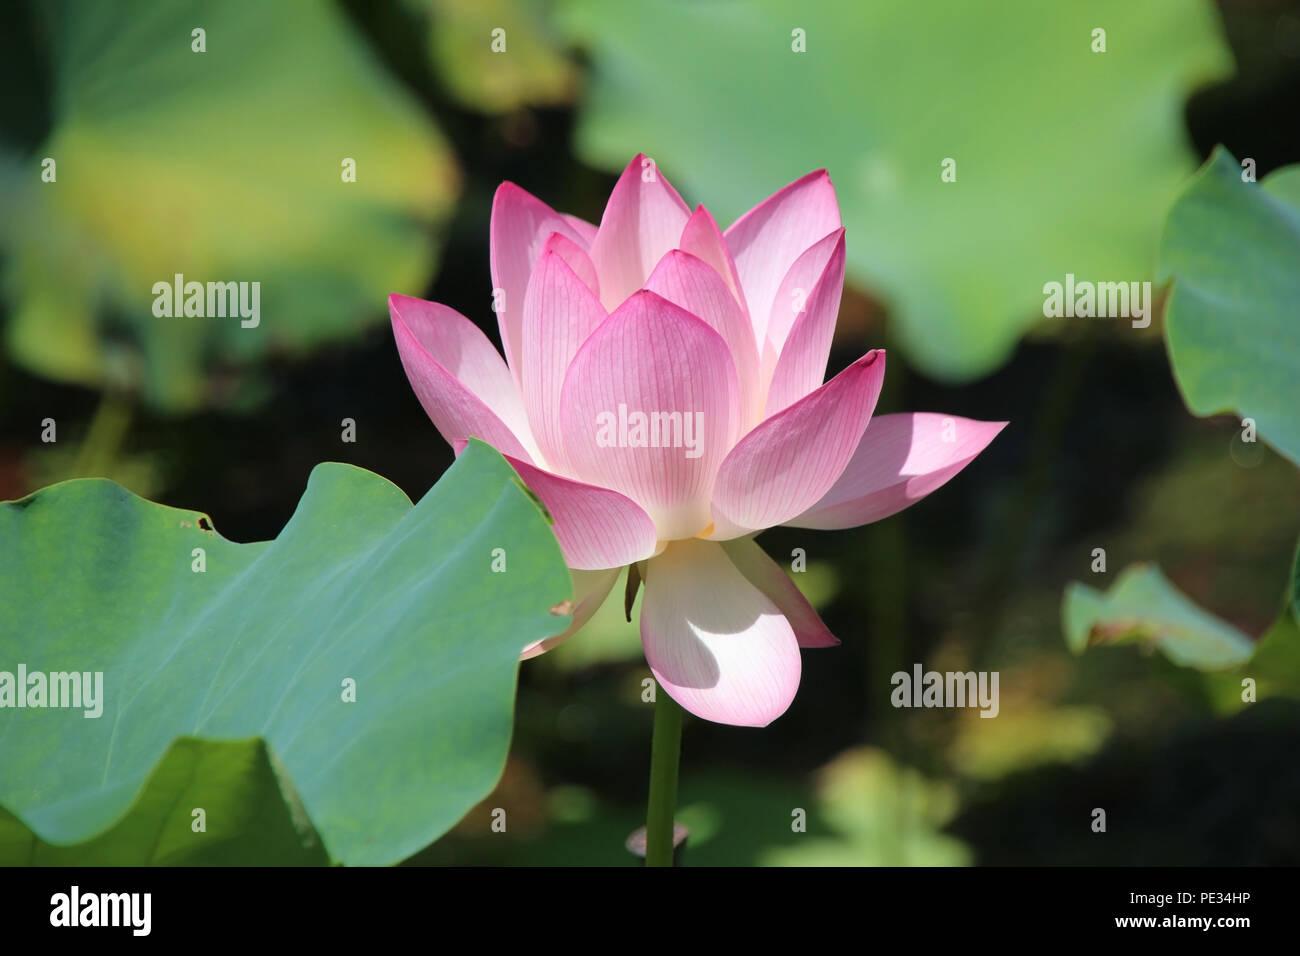 Di un bel colore rosa con Lotus Lotus verde foglie, fiori buddista di purezza, blossom nel laghetto di loto Immagini Stock